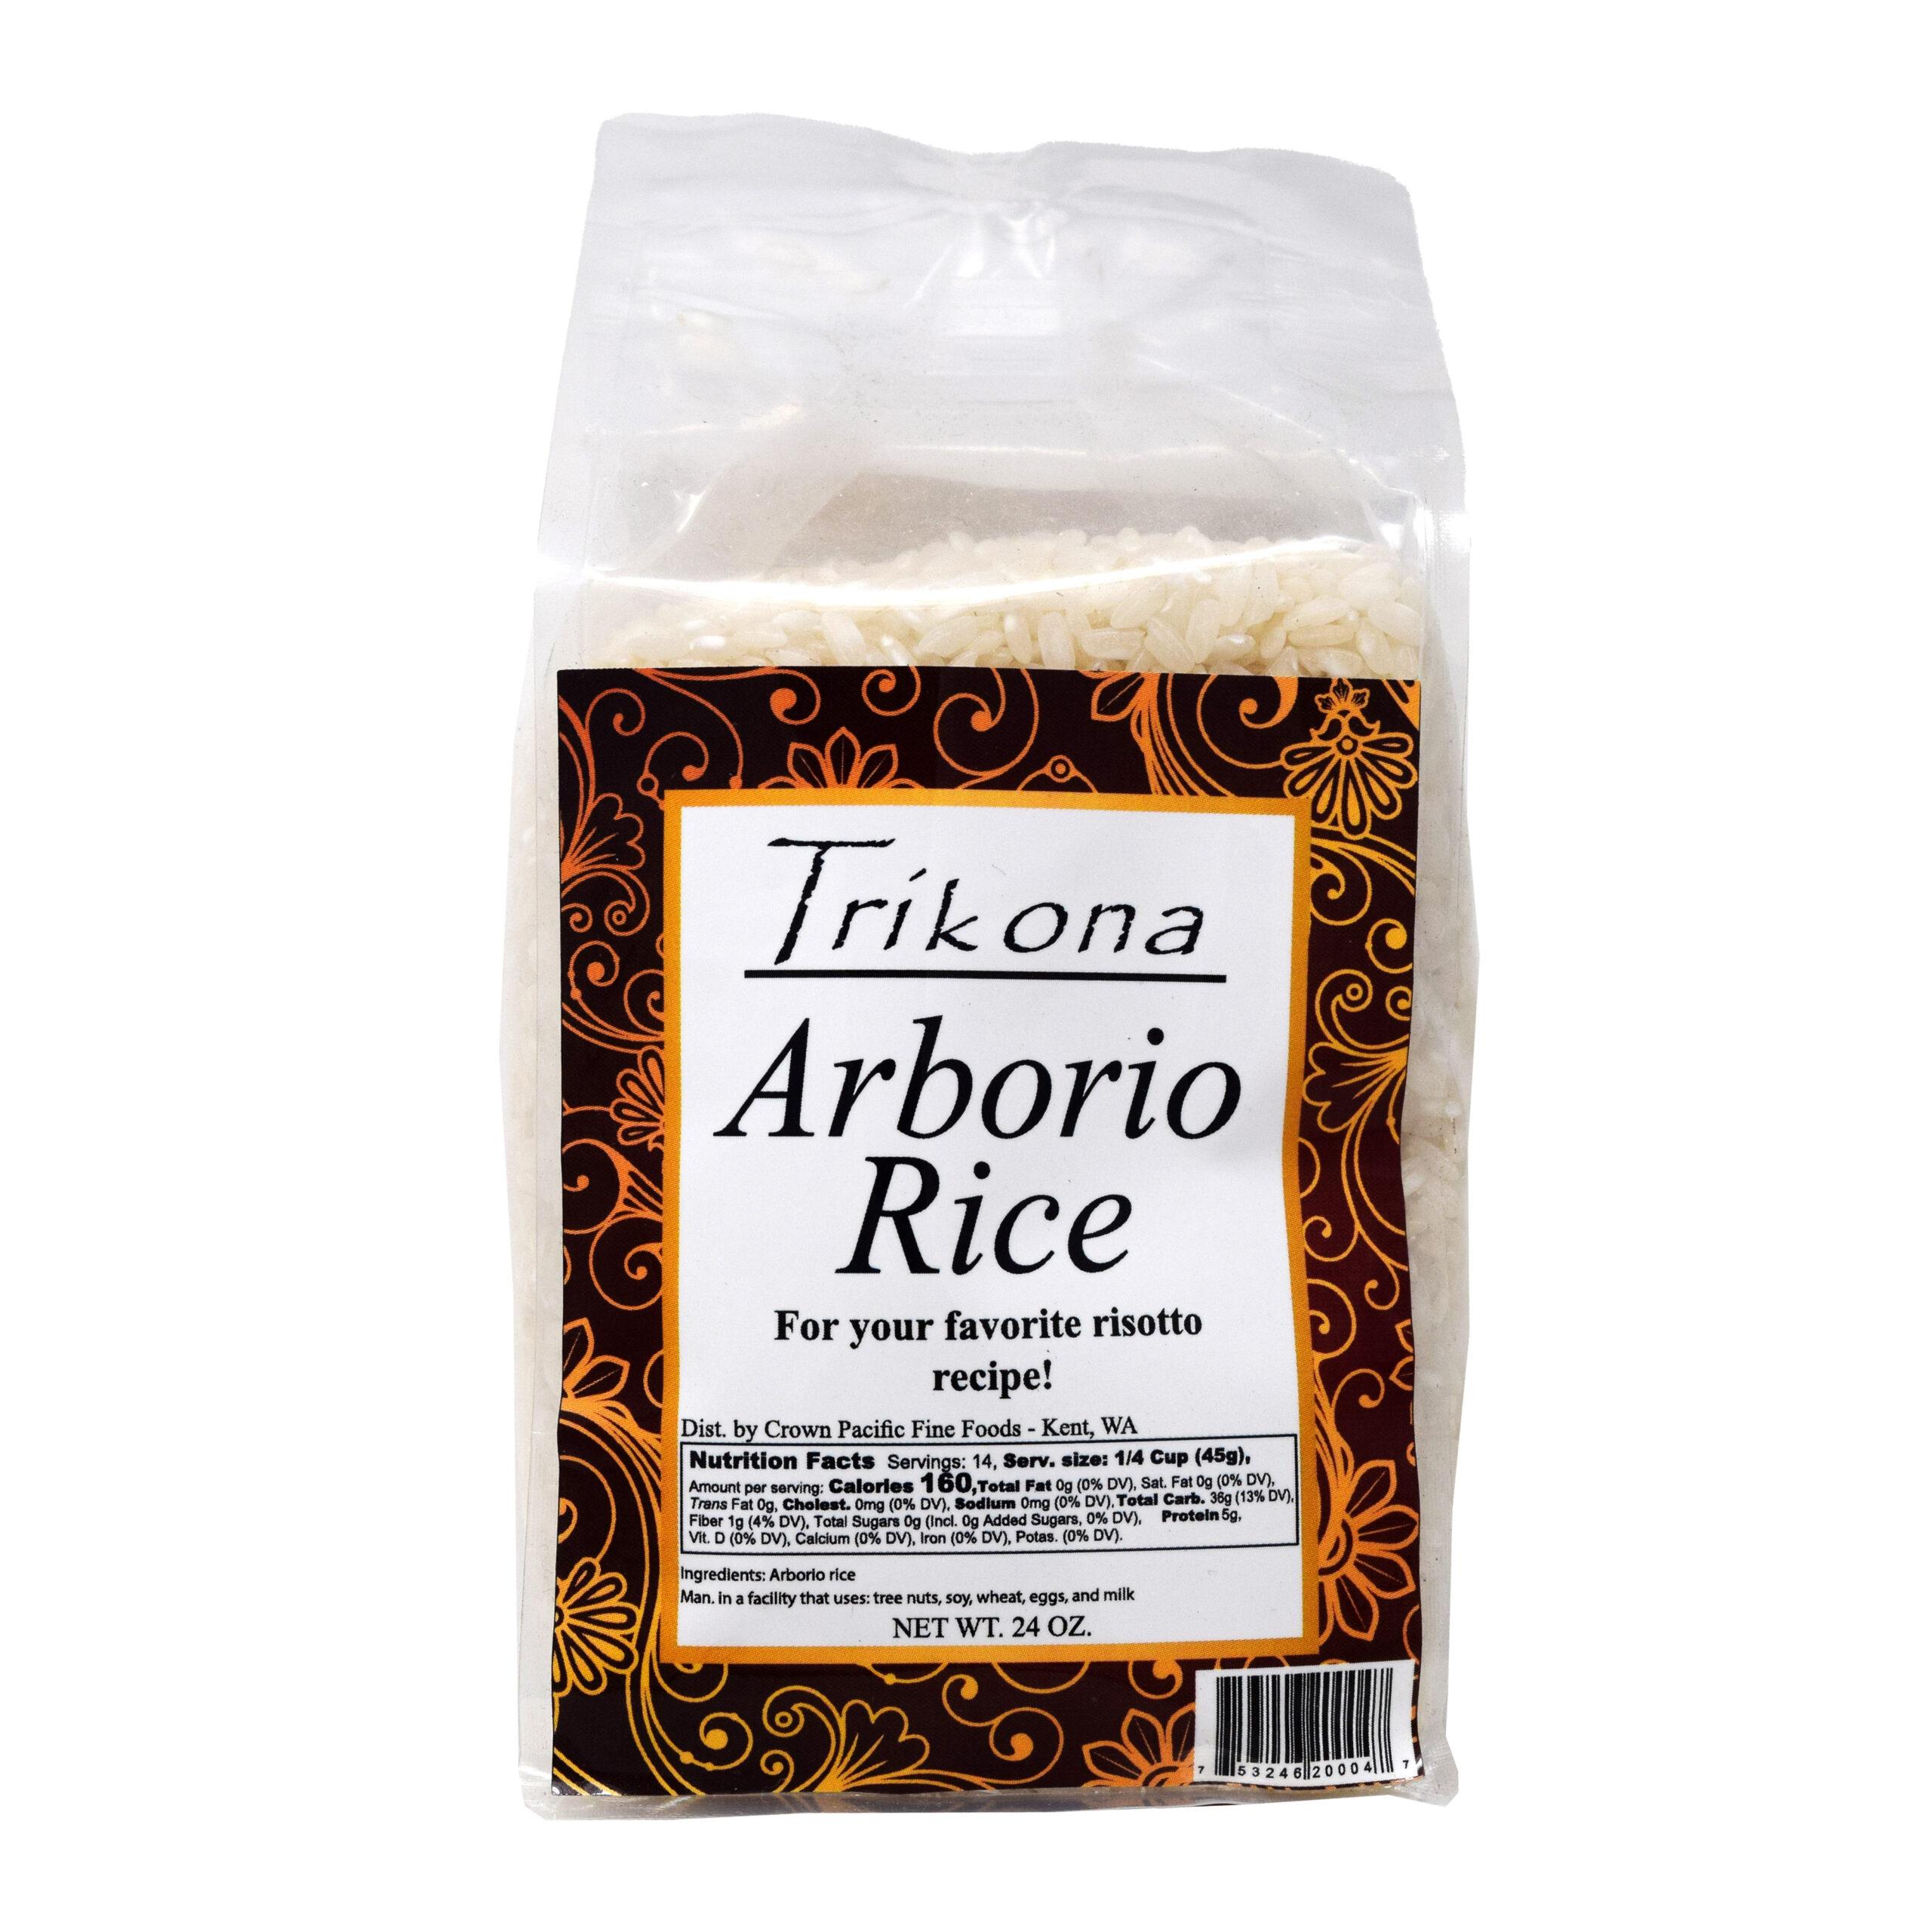 Trikona Arborio Rice